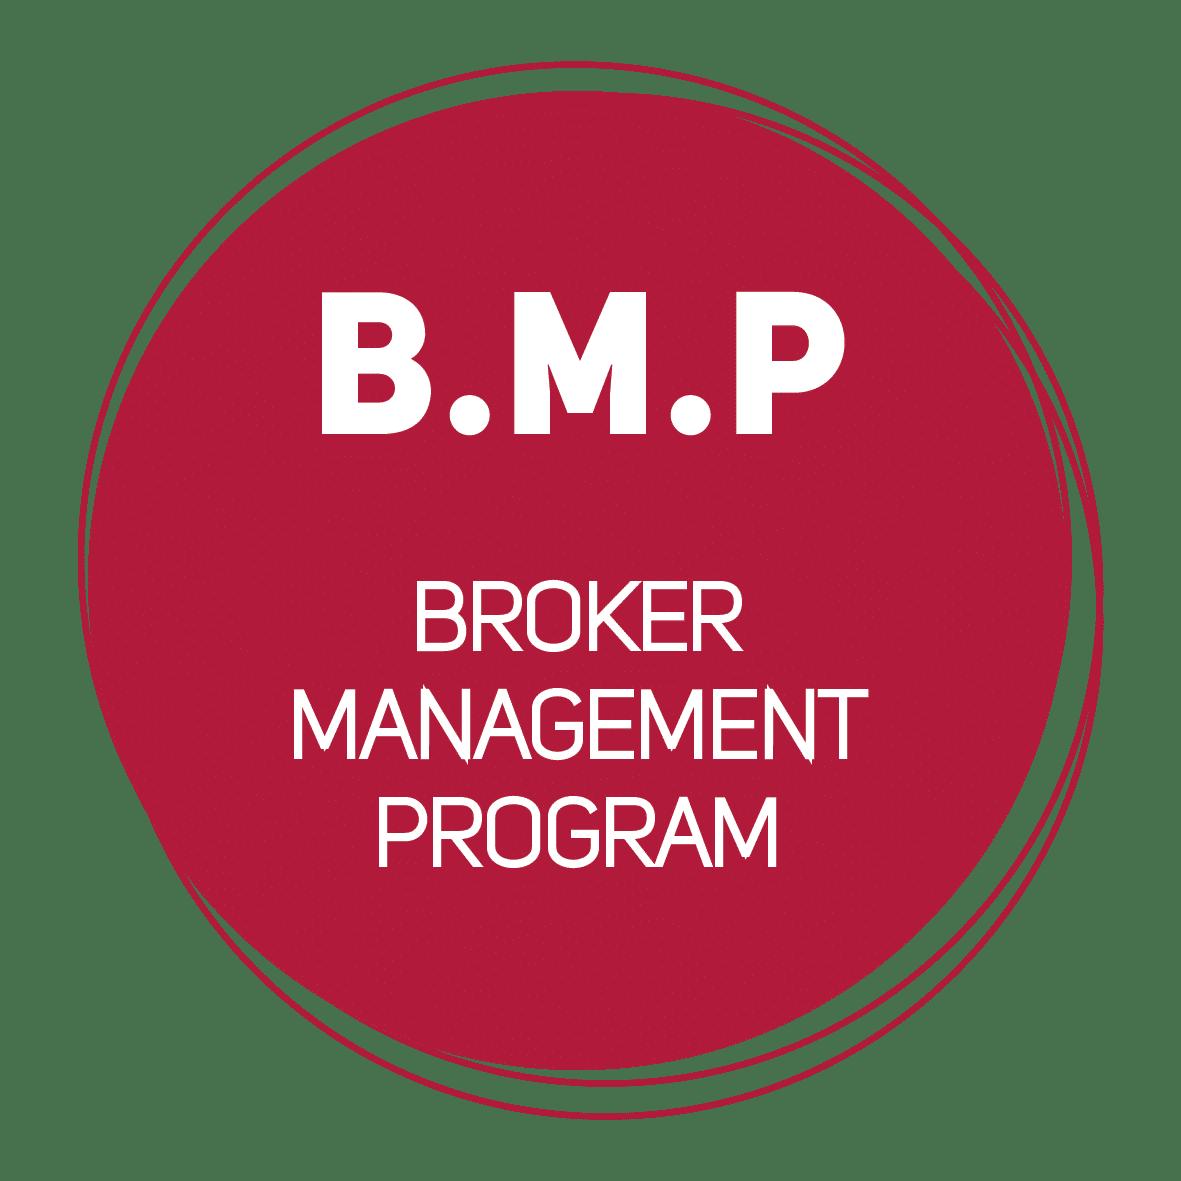 sites/41164617/Broker Management Program.png